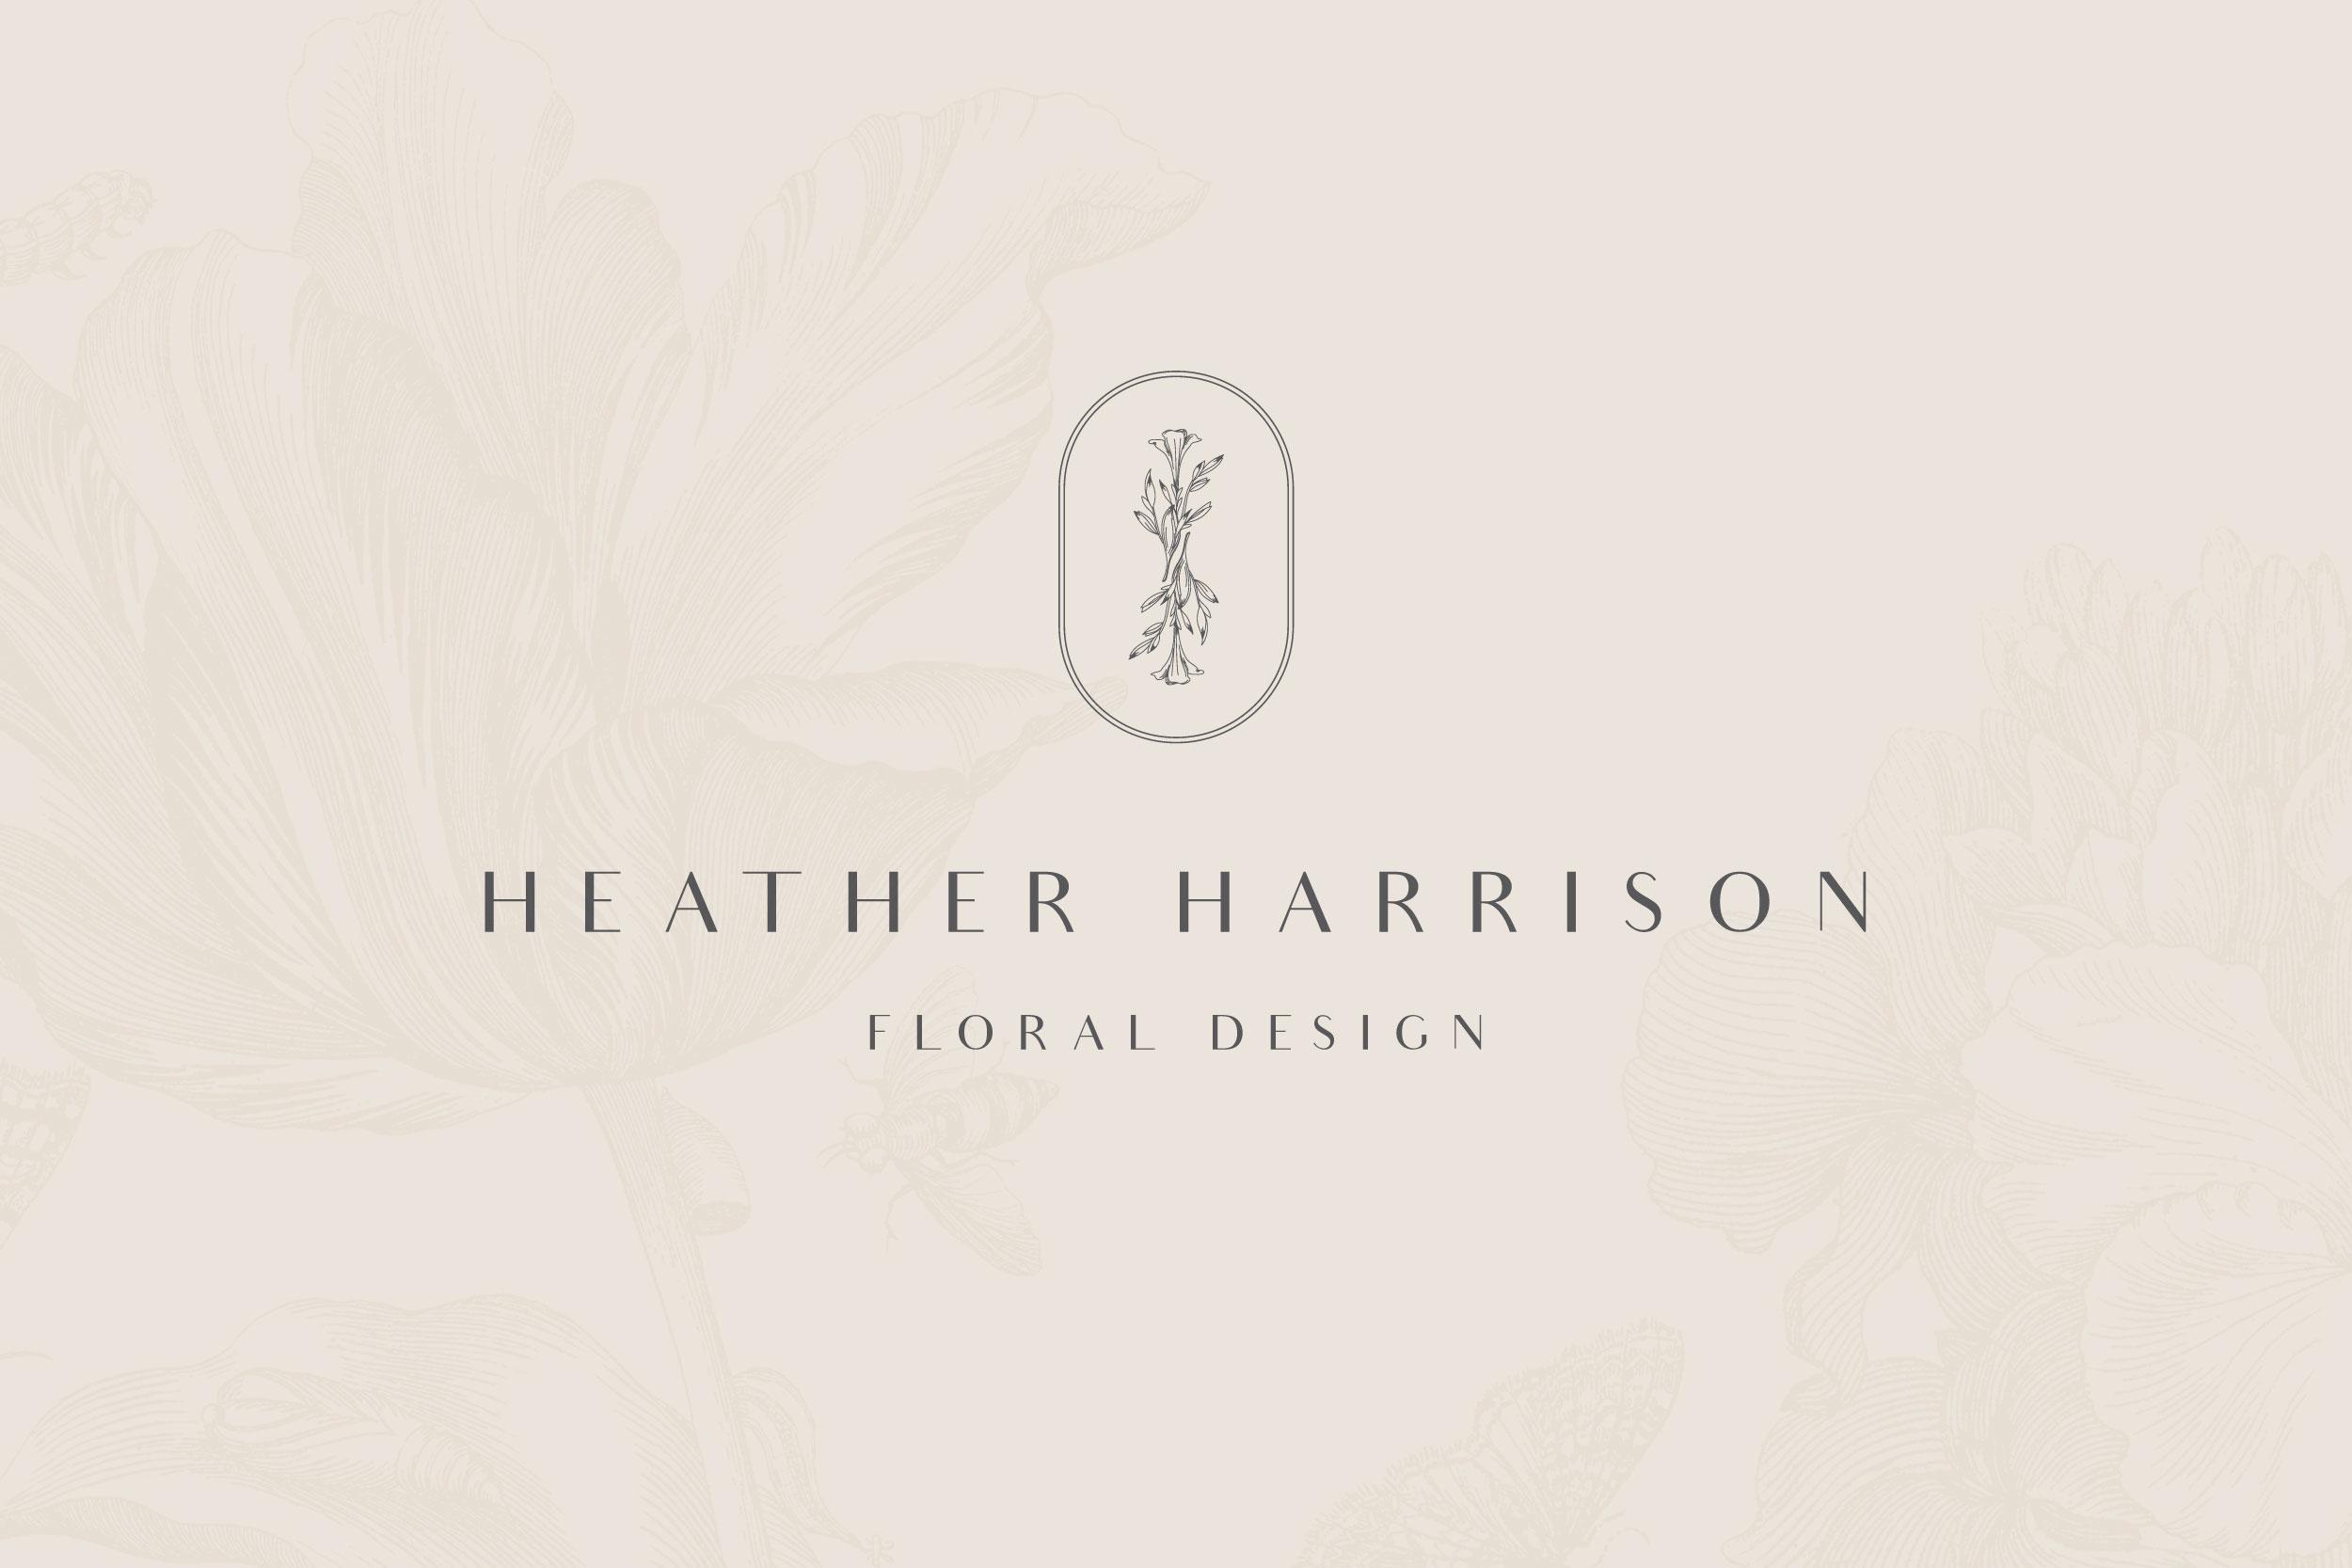 Heather_Harrison_Floral_Designer_Title_Vintage_Flower.jpg